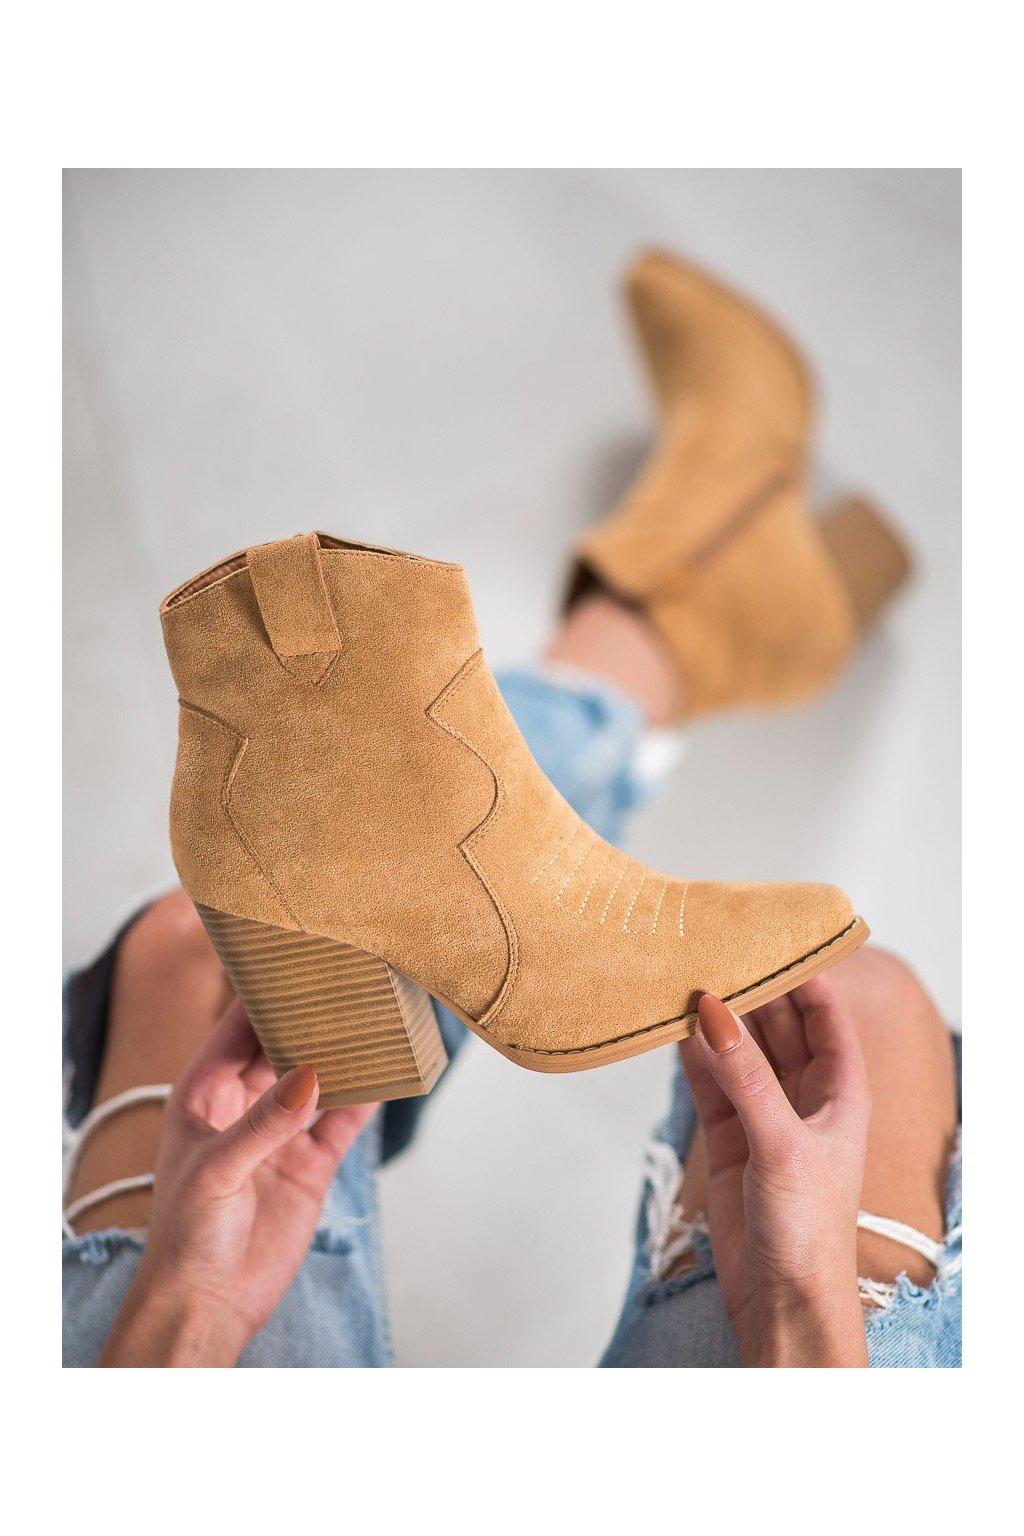 Hnedé dámske topánky na hrubom podpätku Bella paris kod A5602C